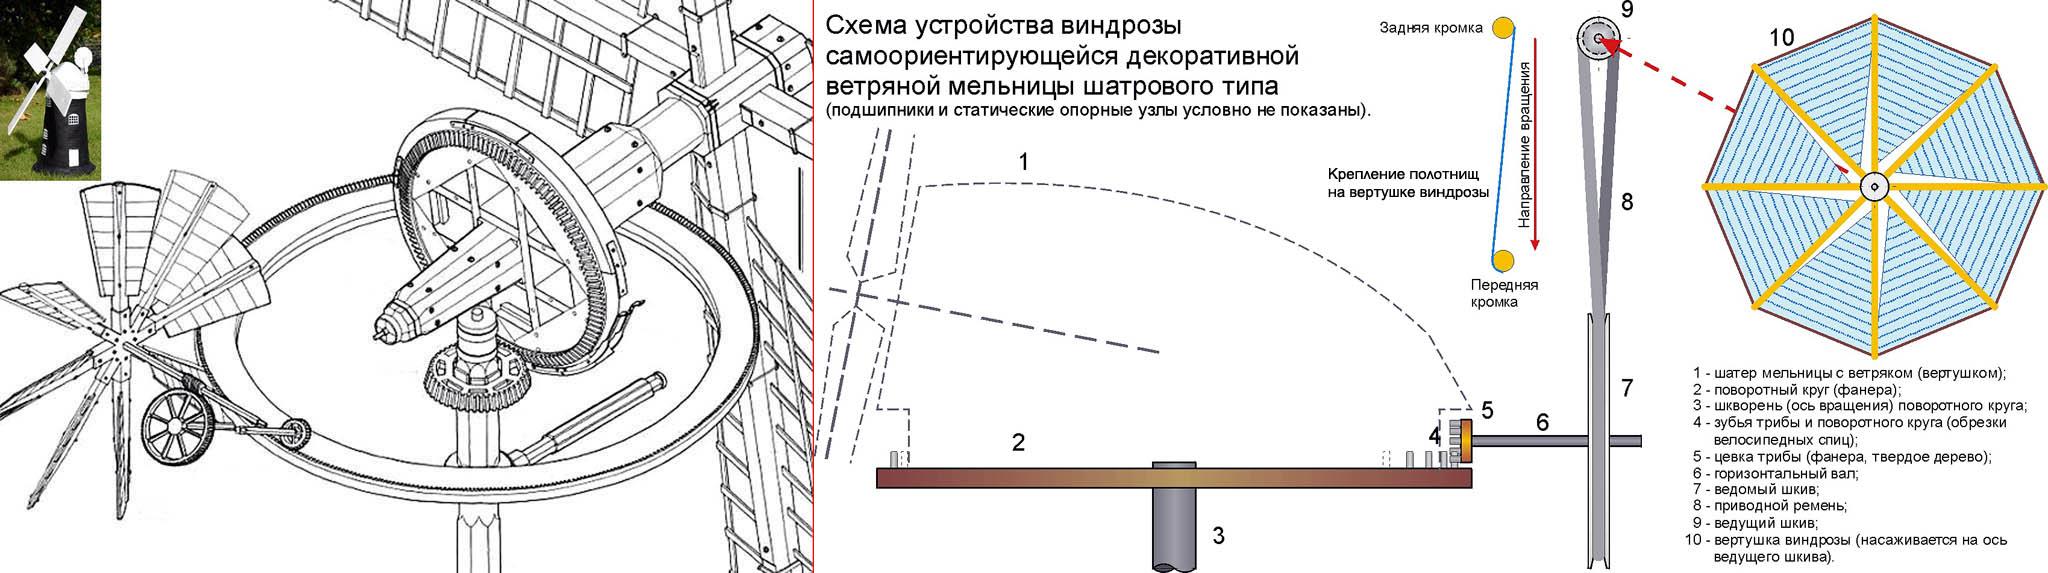 Устройство виндрозы (приспособления для автоматического разворота на ветер) производственной и декоративной ветряной мельницы